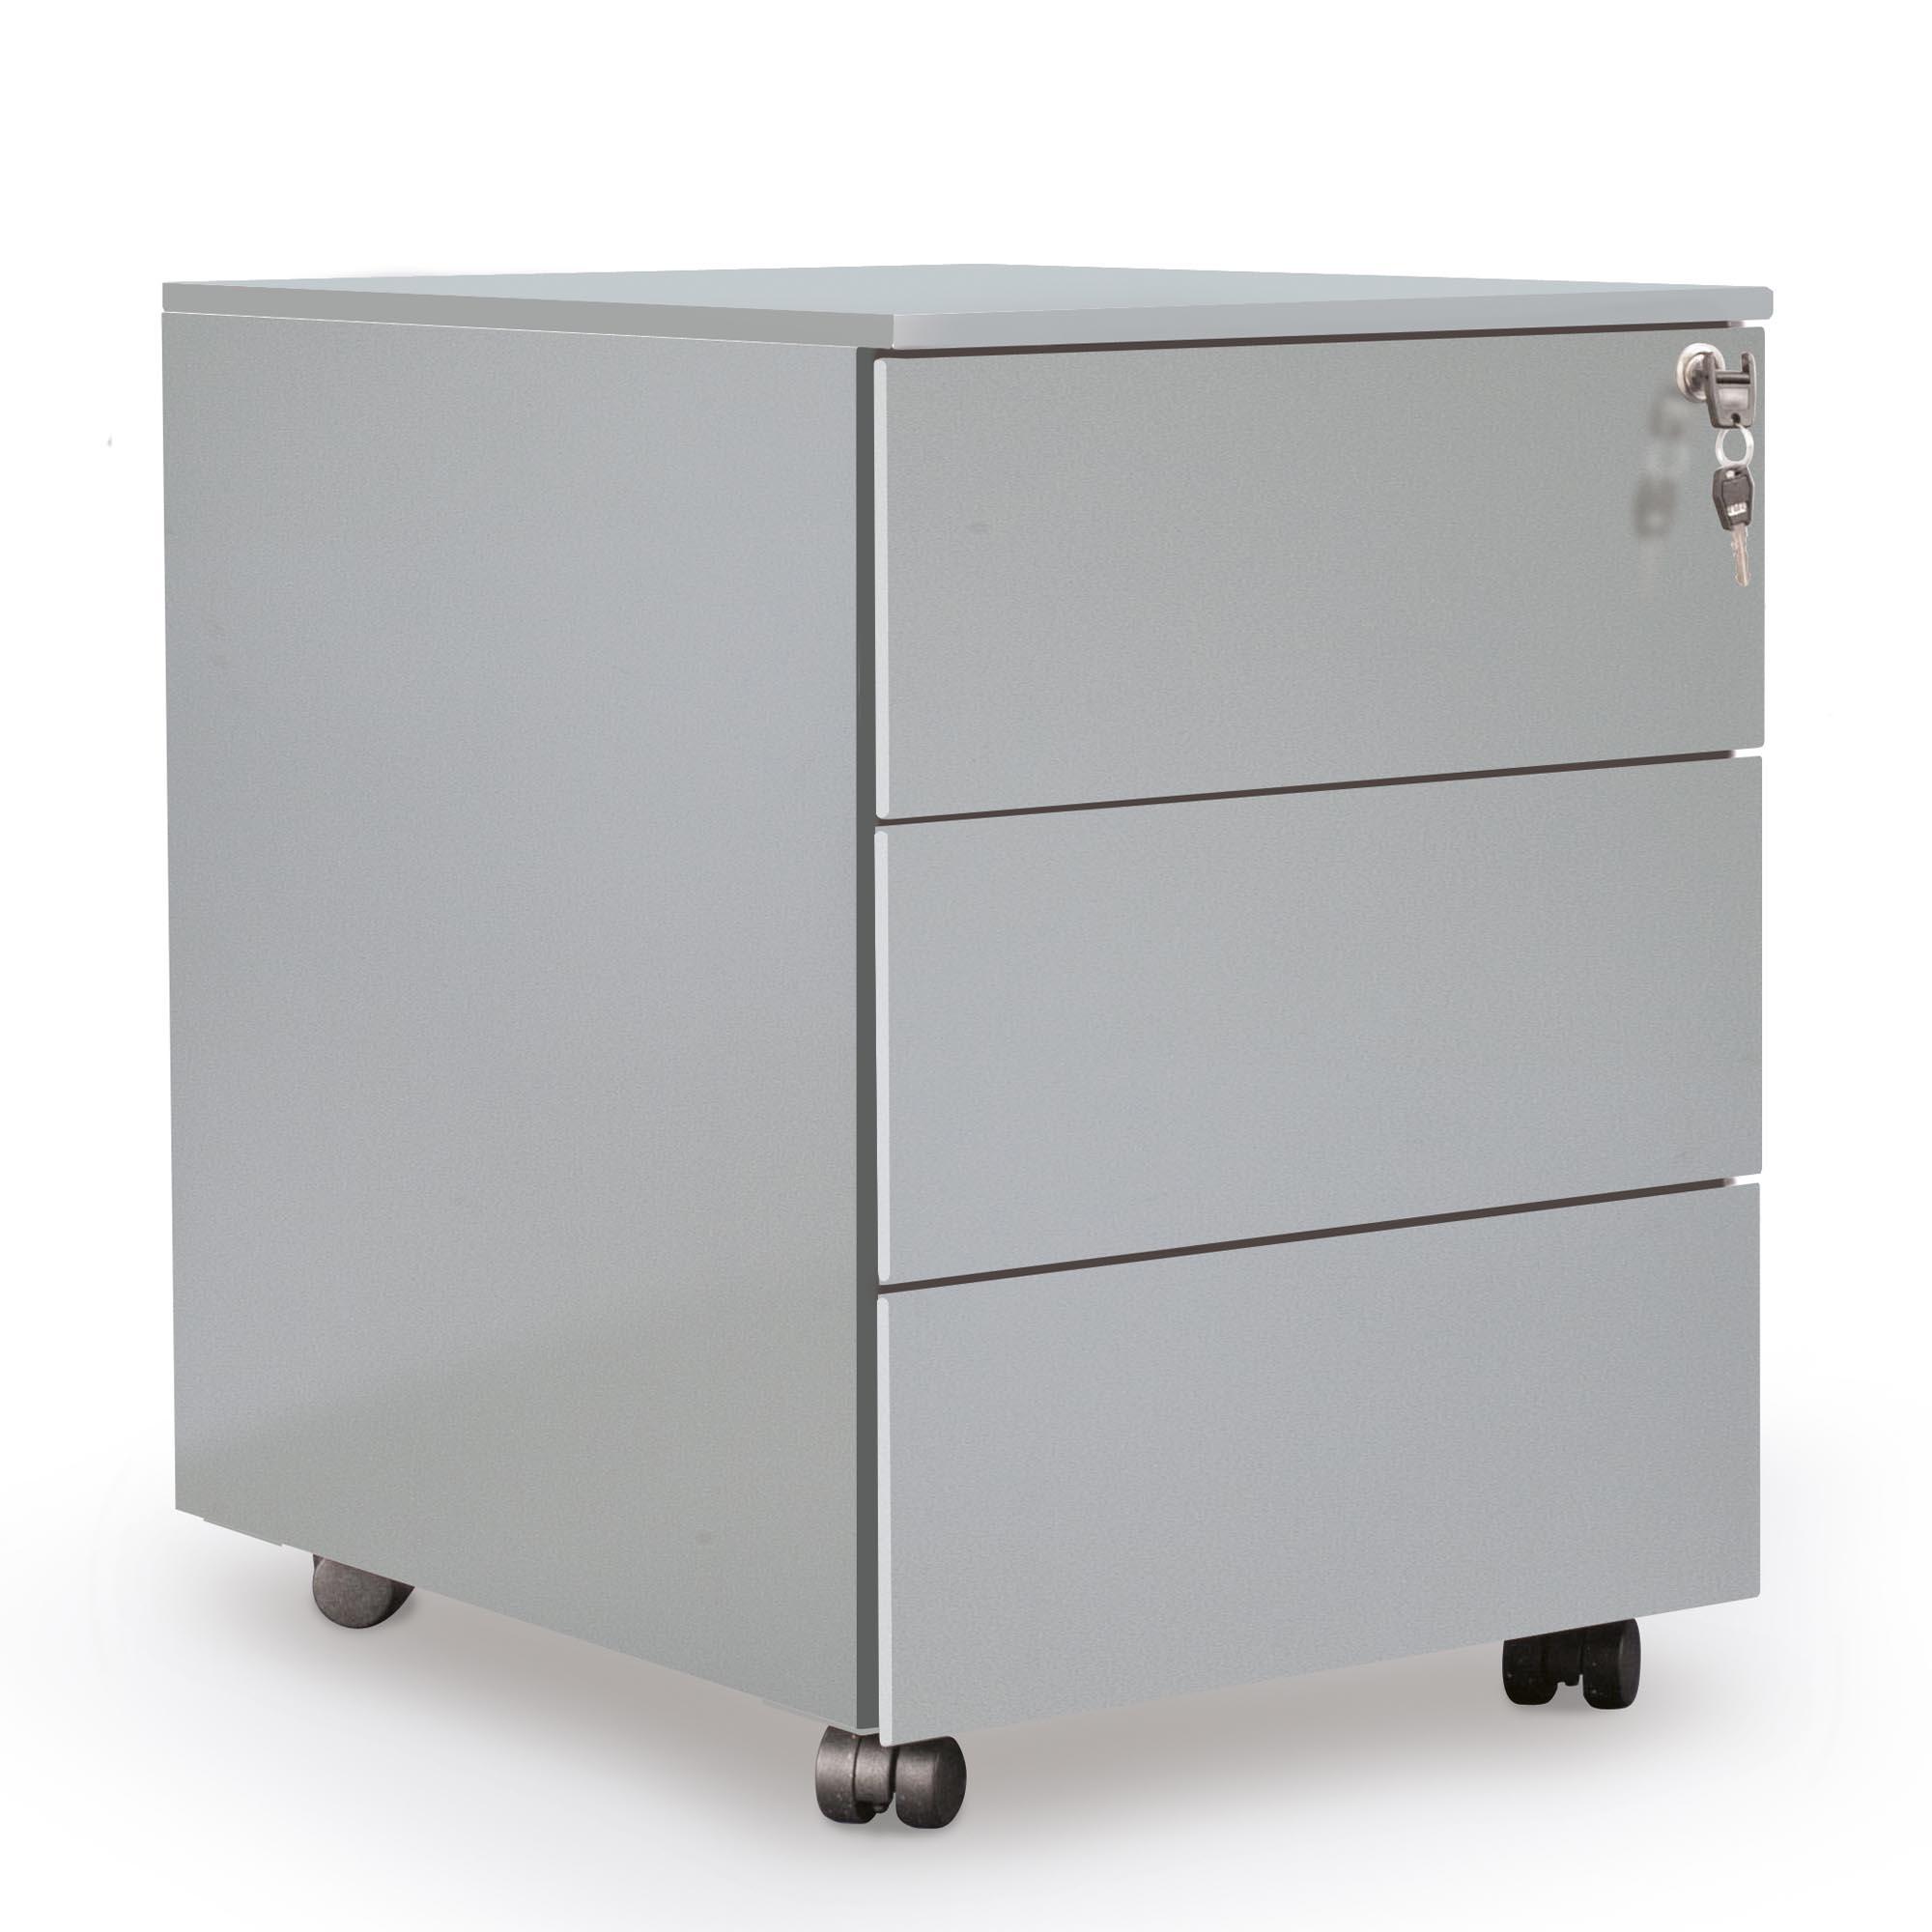 Cassettiere Metalliche Per Ufficio.Cassettiere Universali In Metallo Centrufficio